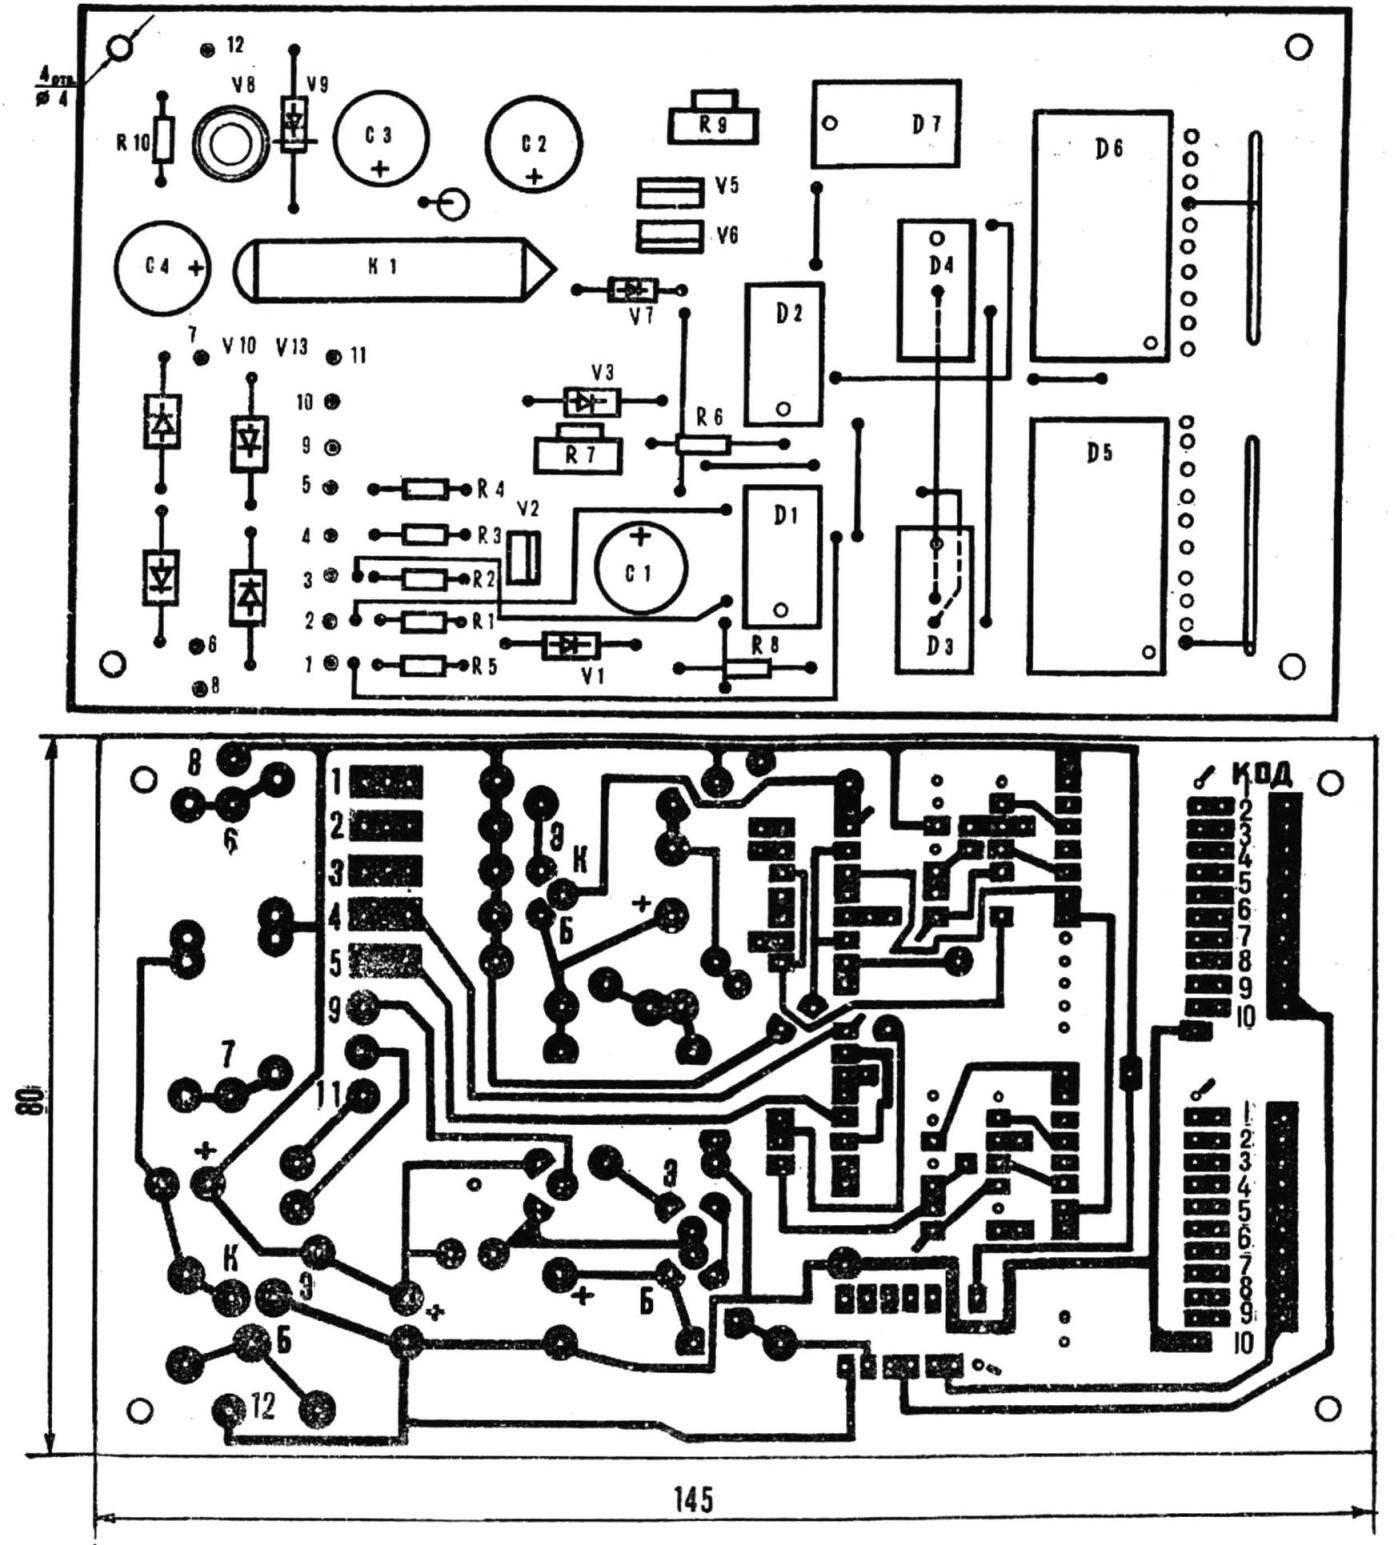 Рис. 2. Монтажная плата кодового замка со схемой расположения элементов.